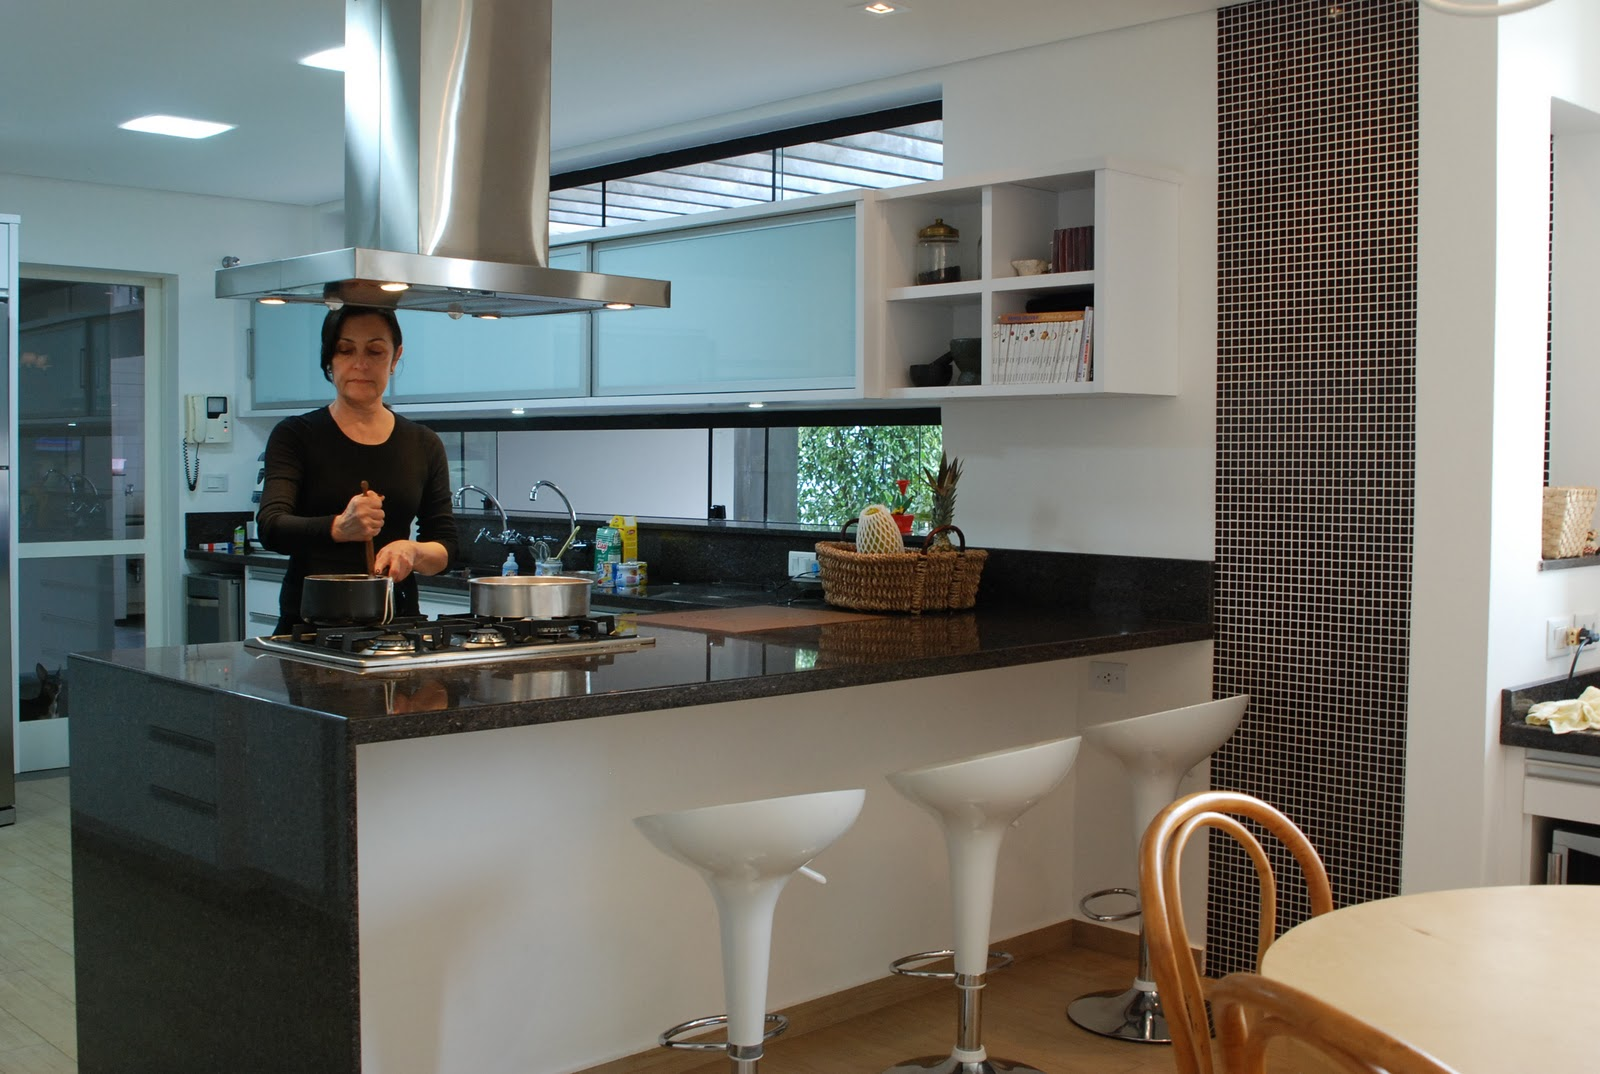 #65452C Conversa de Arquiteto: Projeto de uma cozinha e um espaço gourmet 1600x1074 px Projetos De Cozinhas Gourmets_5733 Imagens